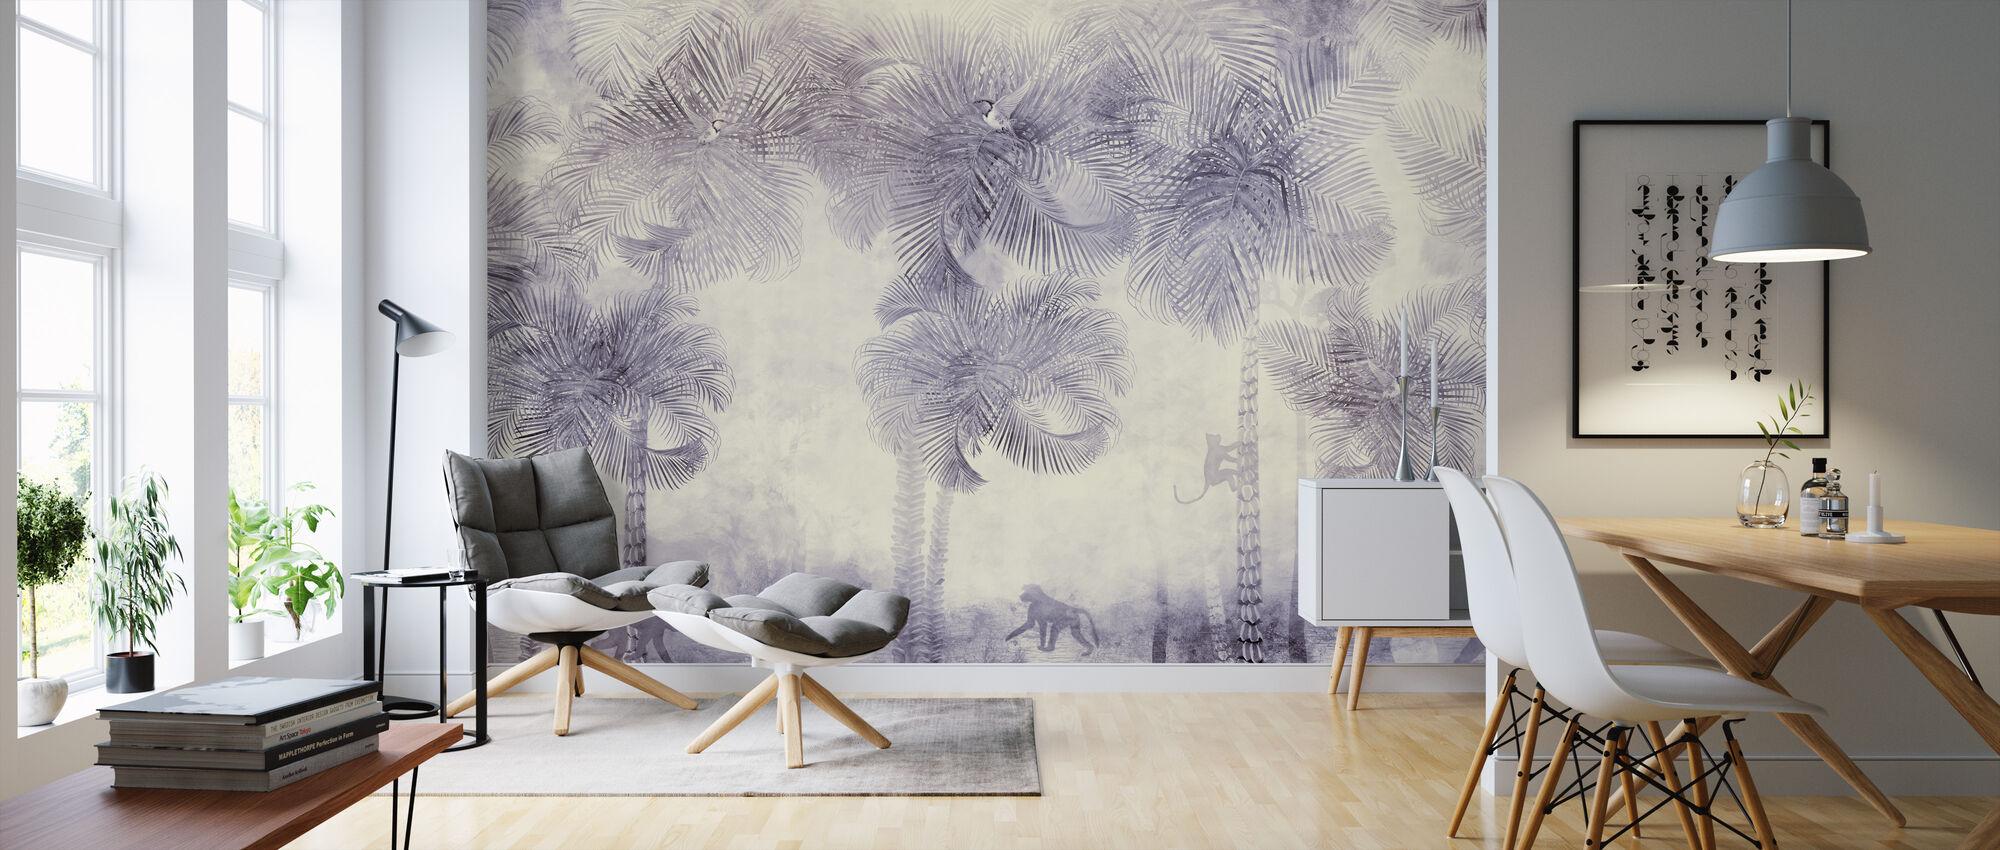 Monkeys Residence VIII - Wallpaper - Living Room